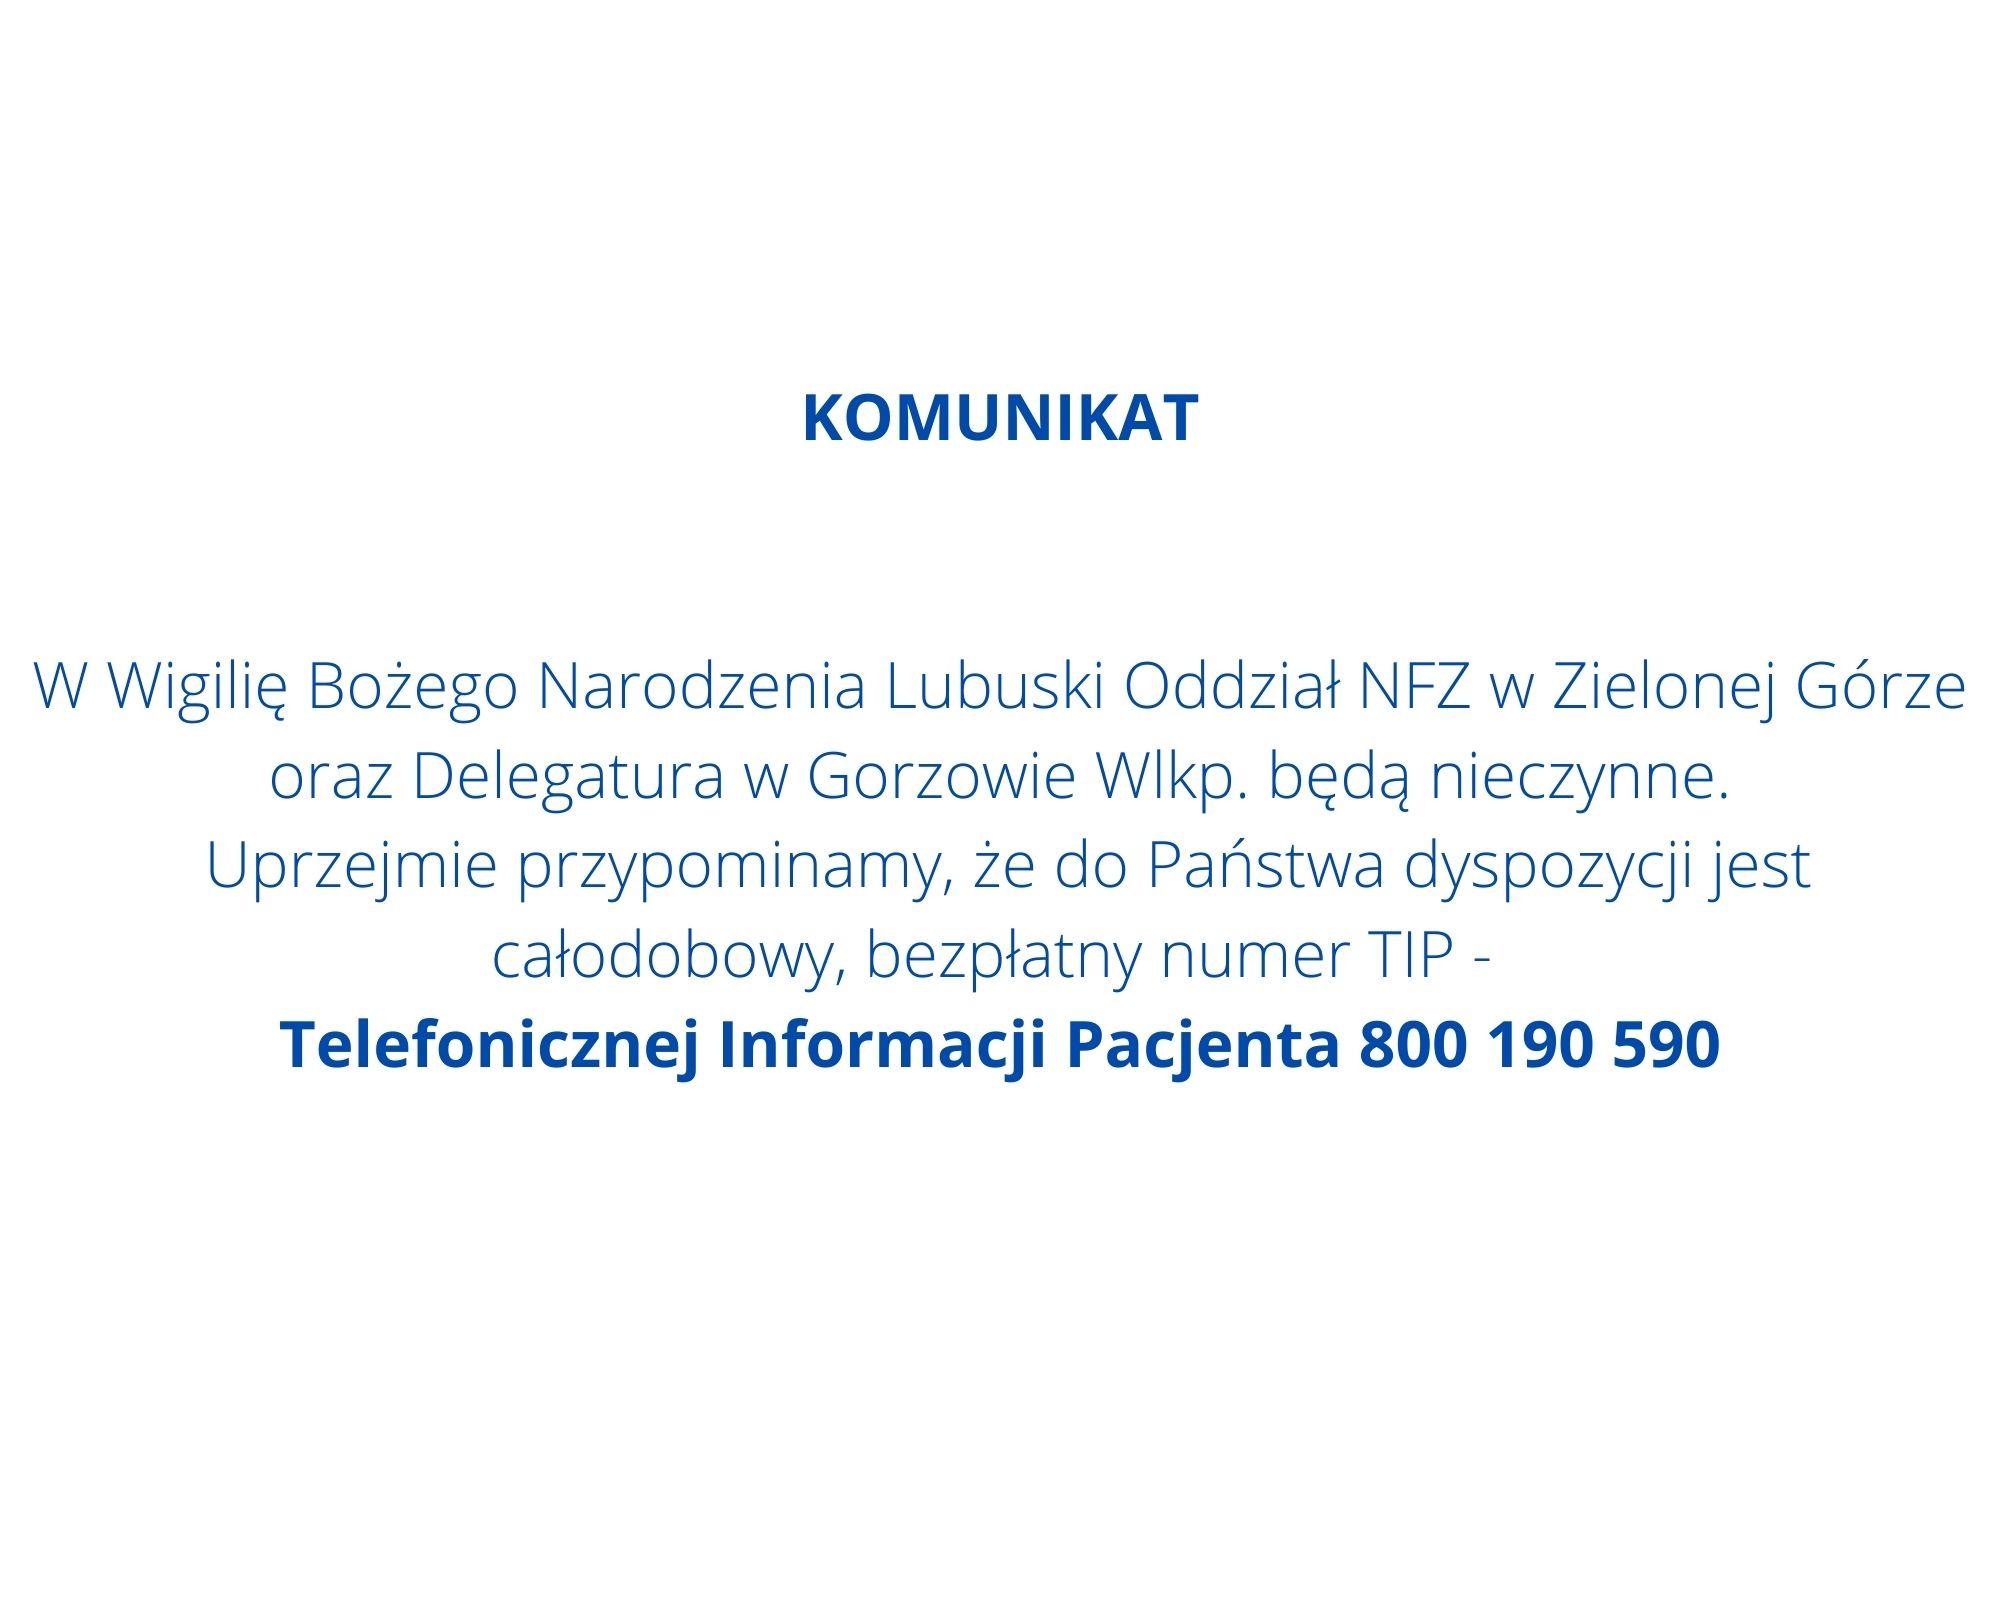 Ilustracja do informacji: Komunikat dot. pracy Lubuskiego Oddziału Wojewódzkiego NFZ oraz Delegatury w Gorzowie Wlkp. w Wigilię